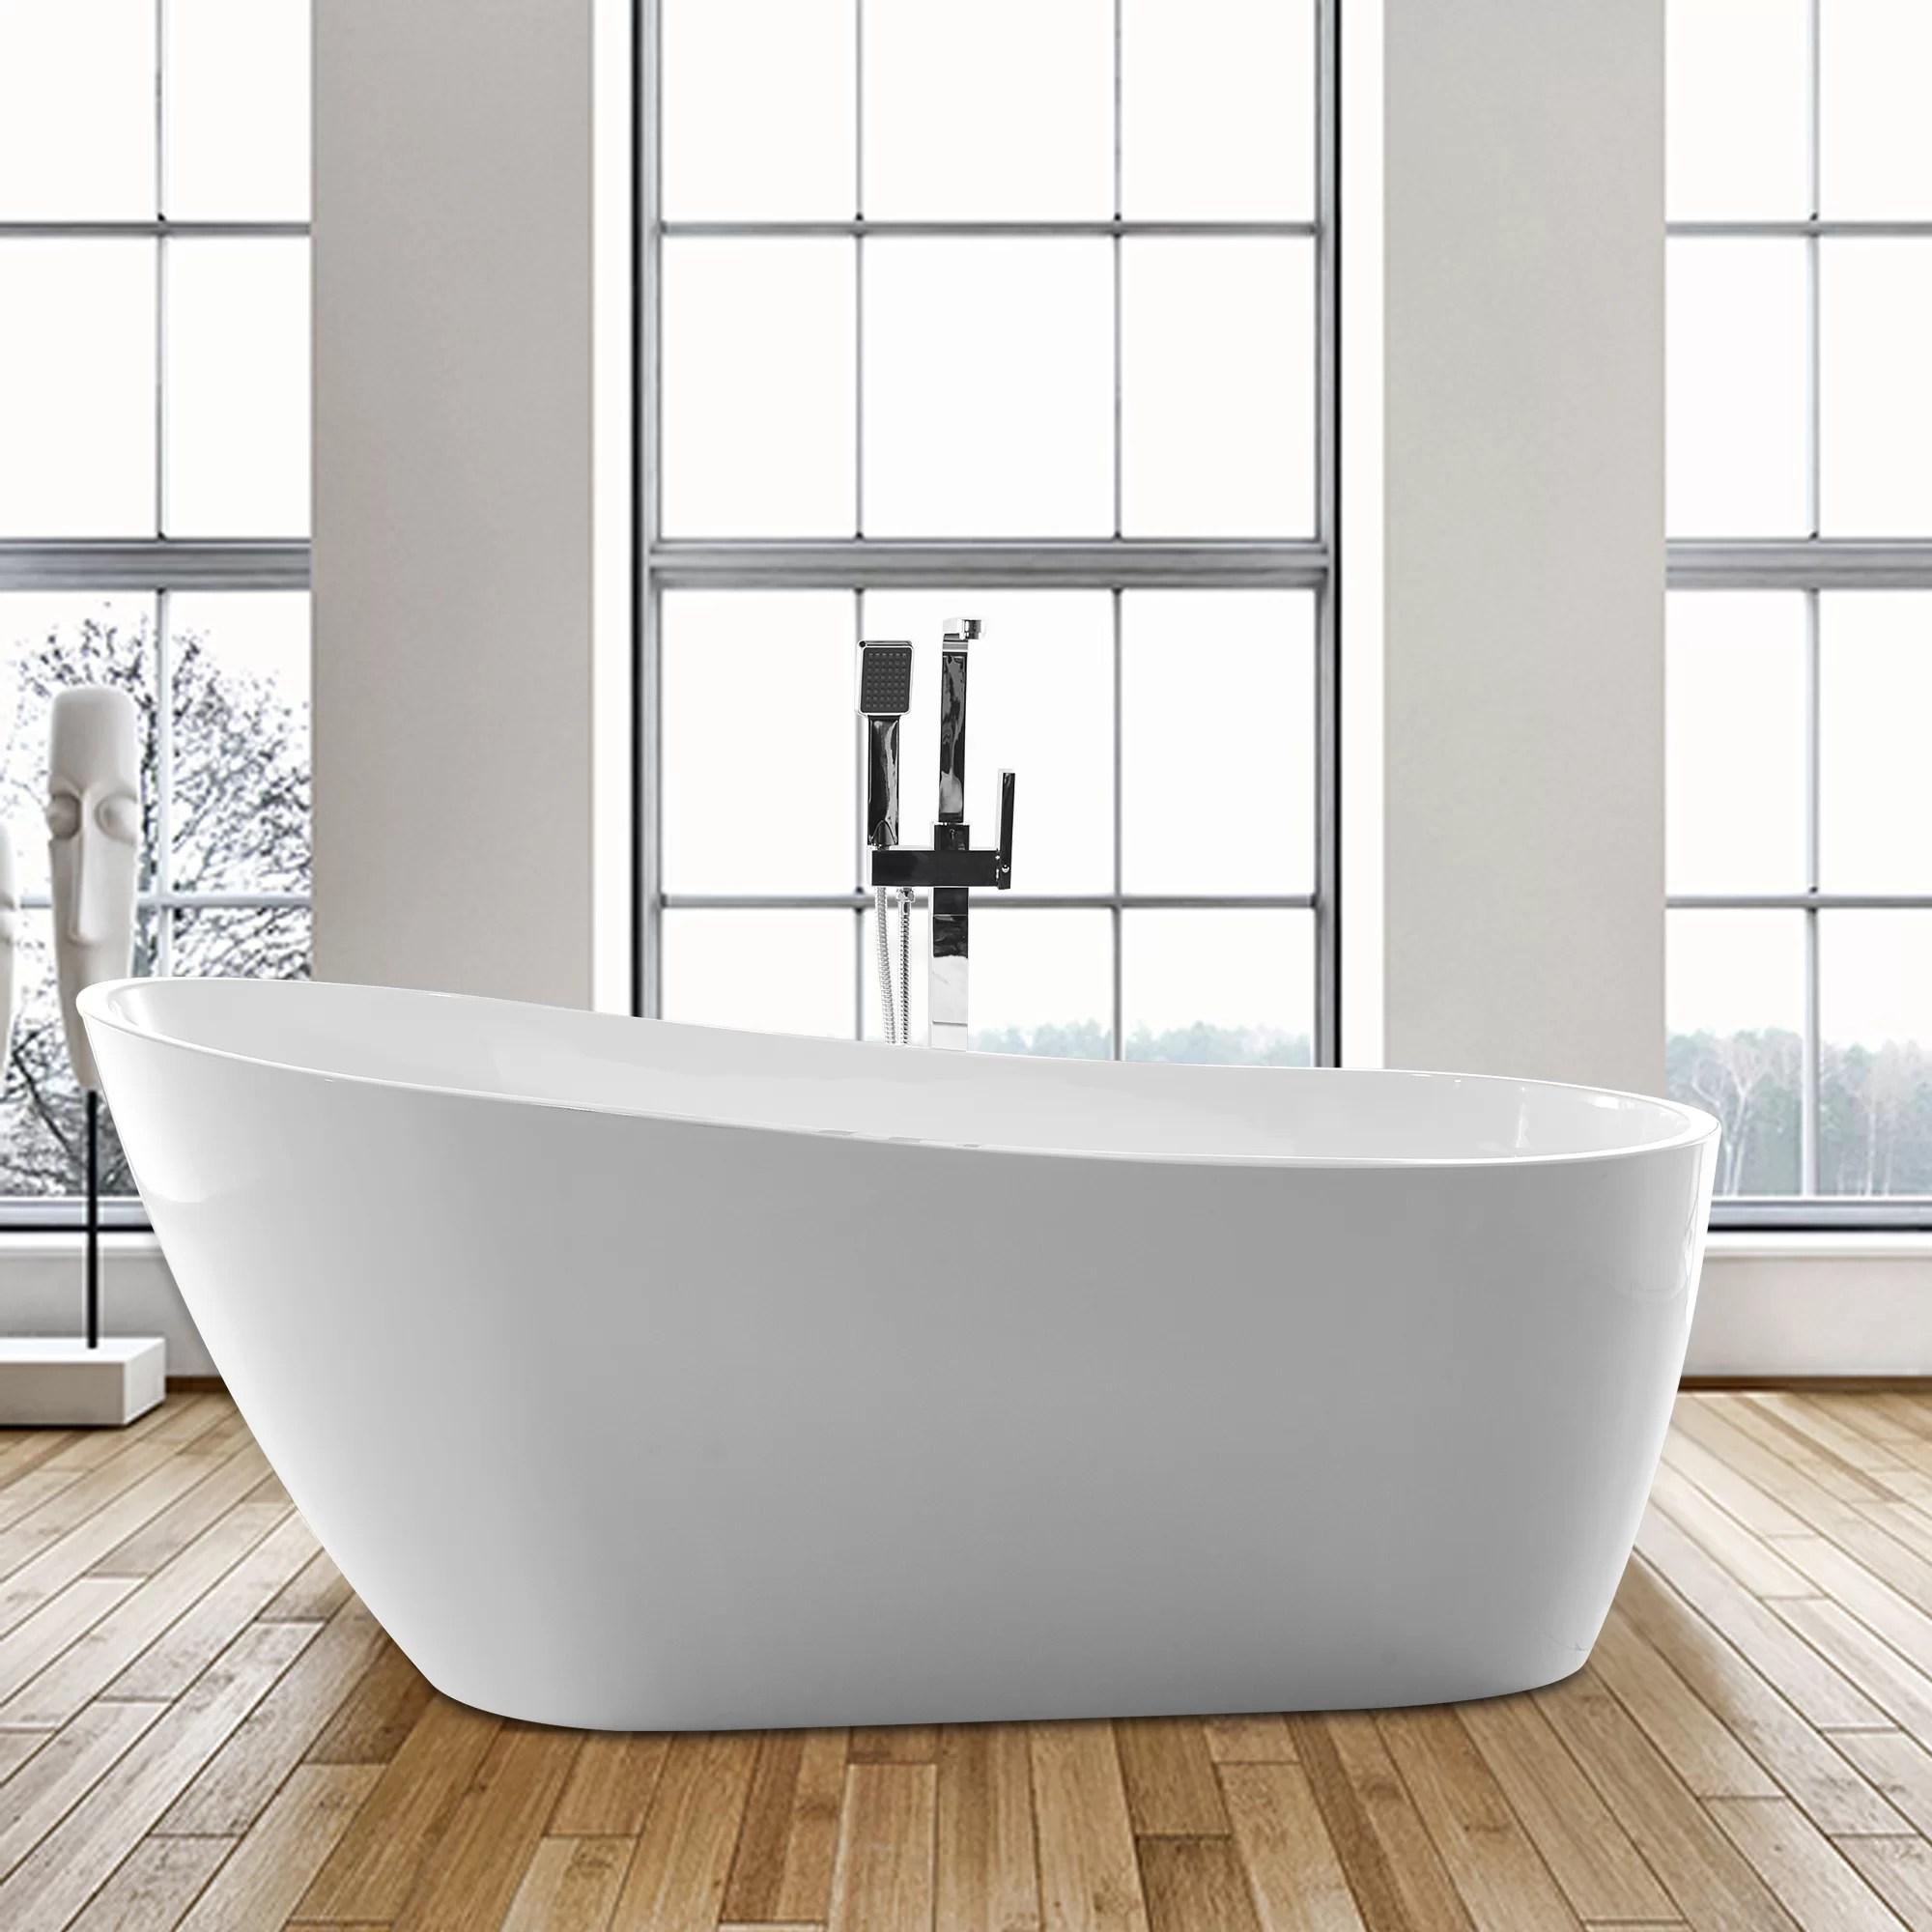 Extended Black Friday Sale On Bathtubs Wayfair